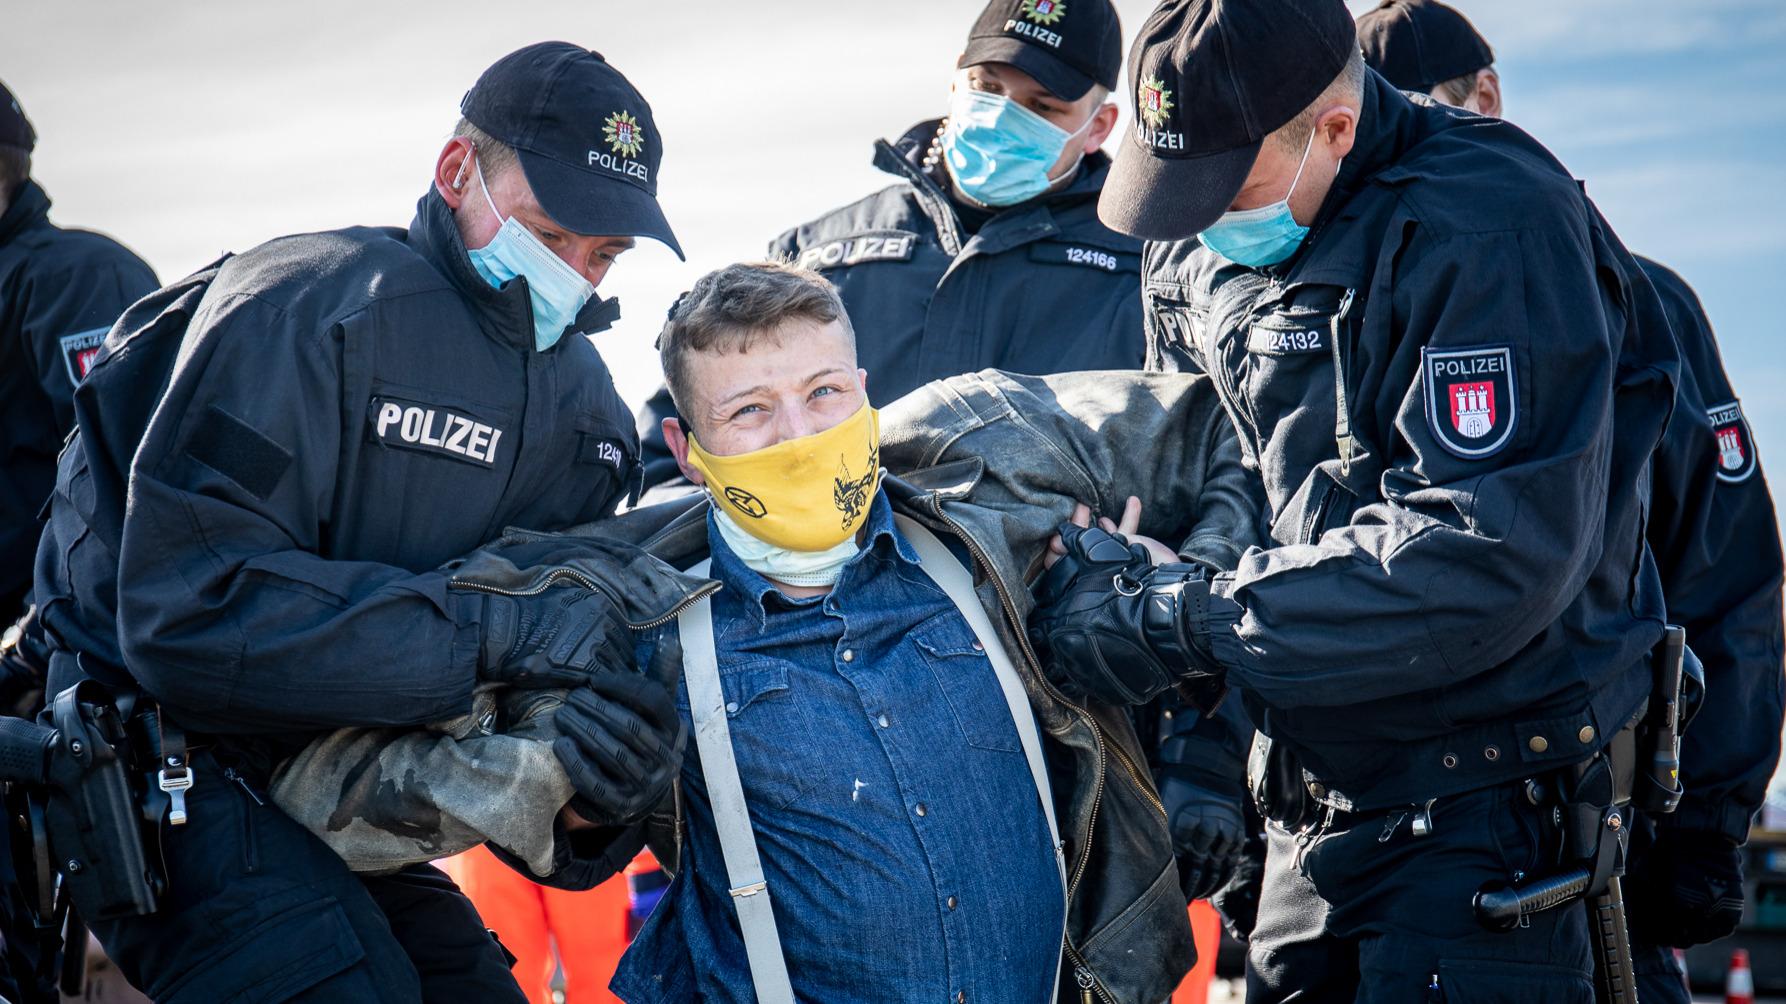 Räumung der Köhlbrandbrücke durch Einsatzkräfte der Hamburger Polizei